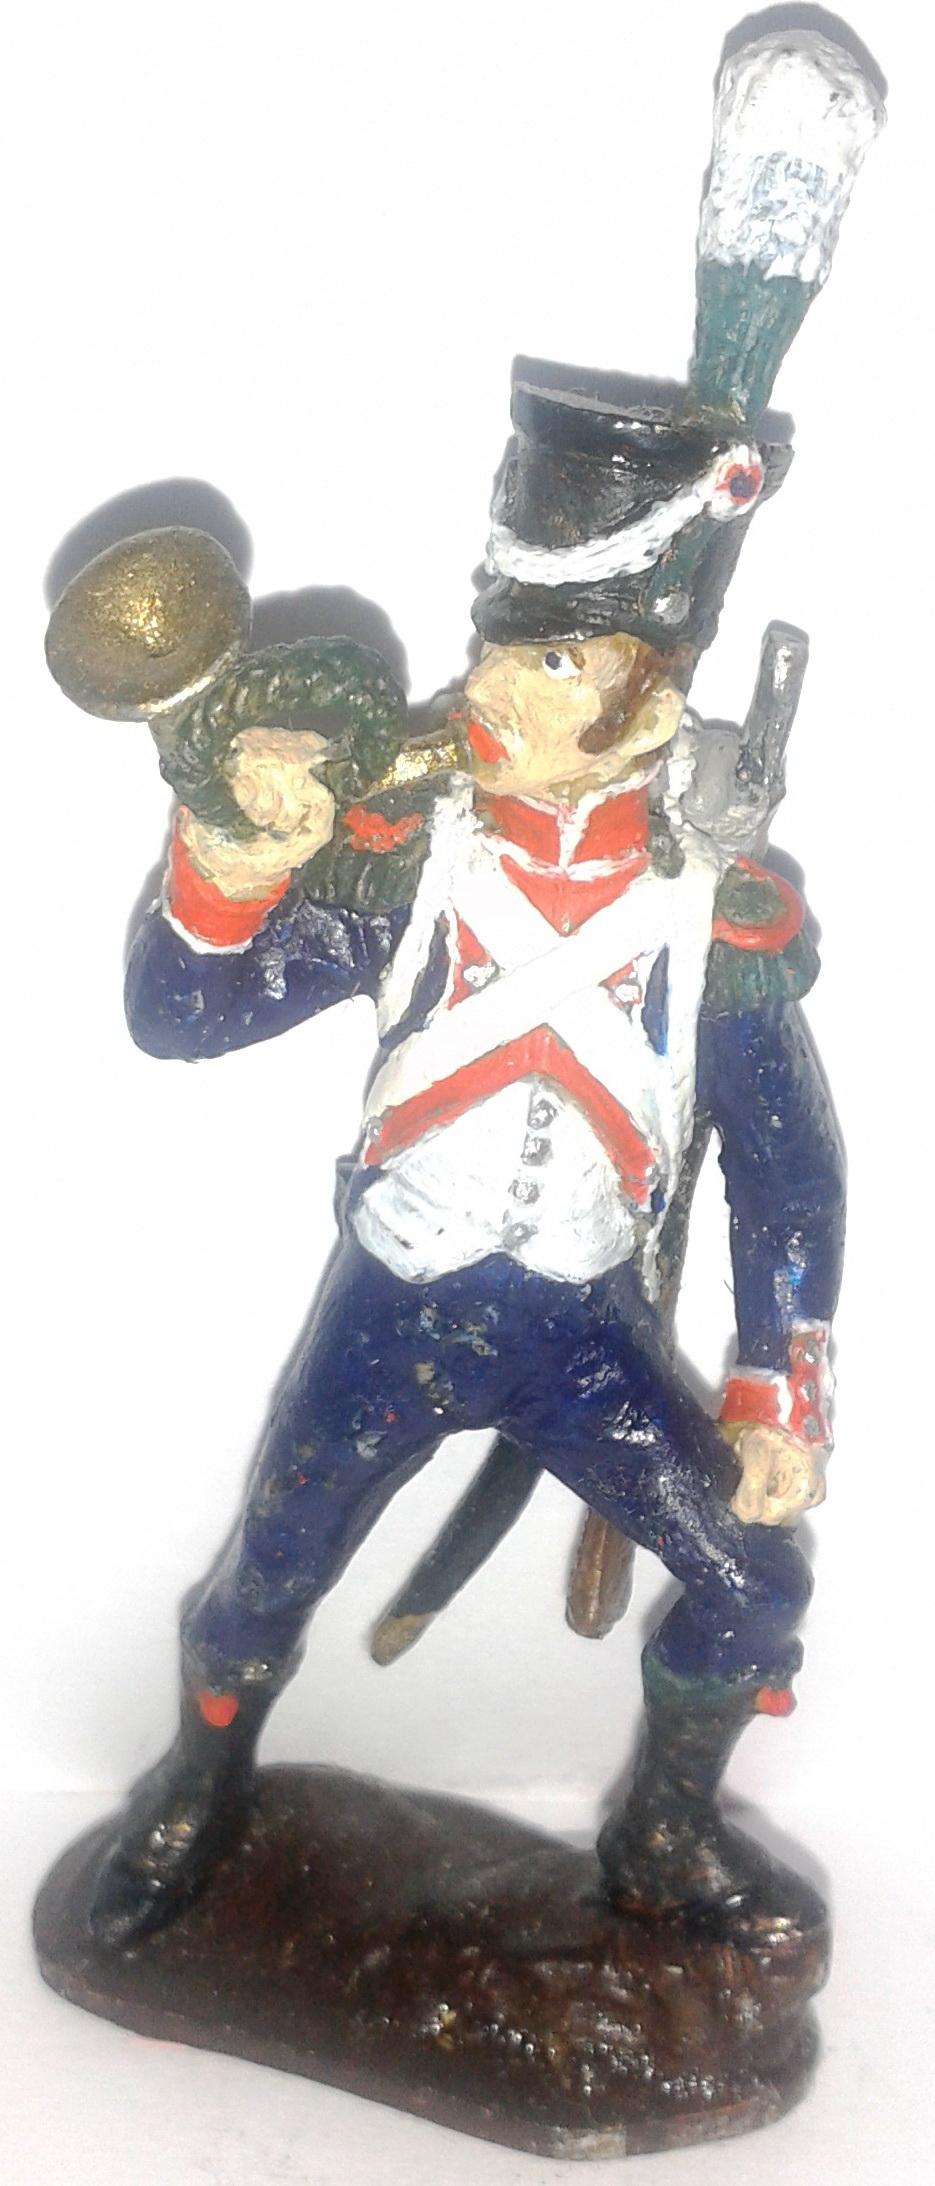 """Історична мініатюра. """"Корнетист єгерського полку. Імператорська гвардія. Перша Французька імперія. 1804-1815"""""""